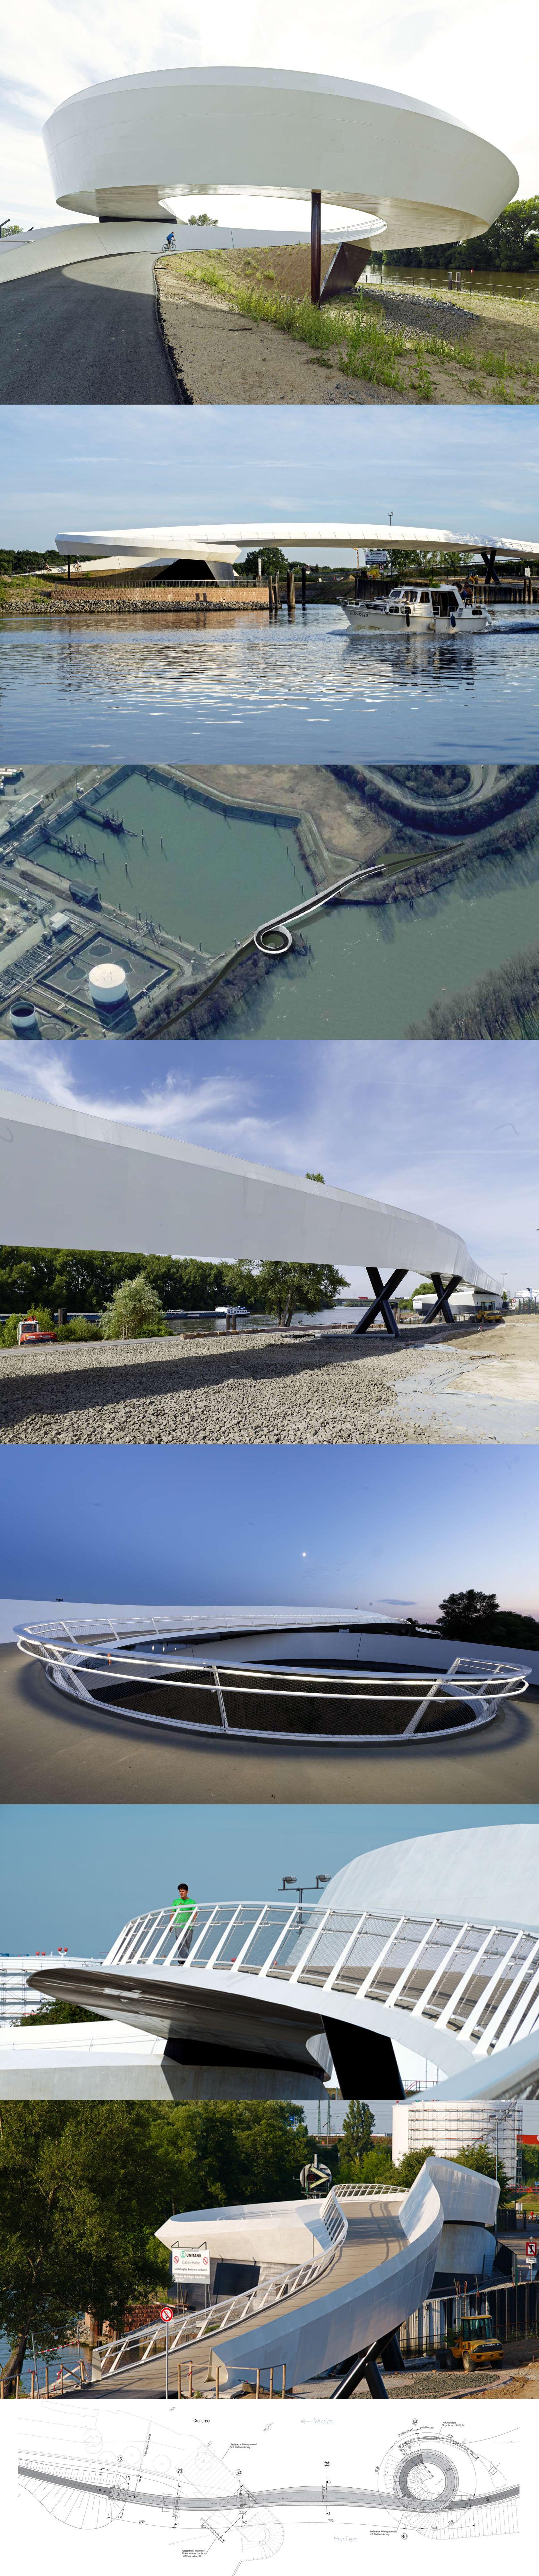 136 best Bridges images on Pinterest